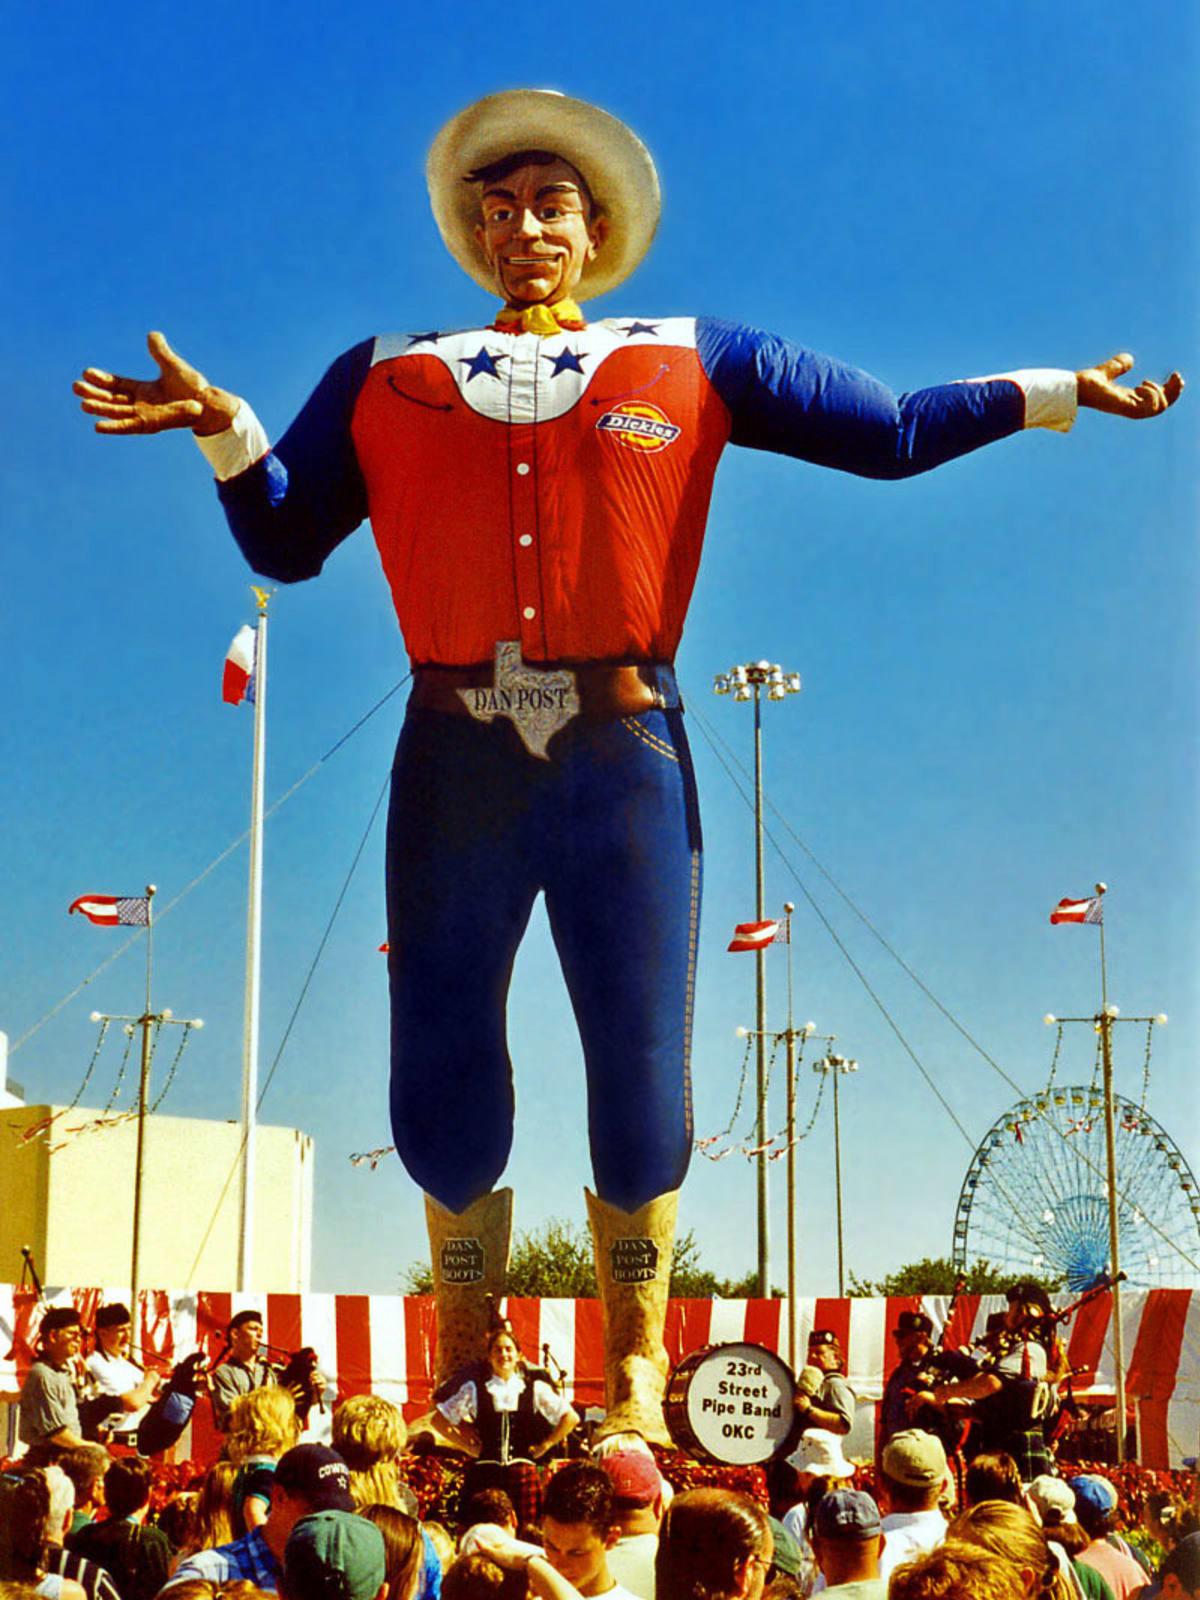 News_Big_Tex_state fair